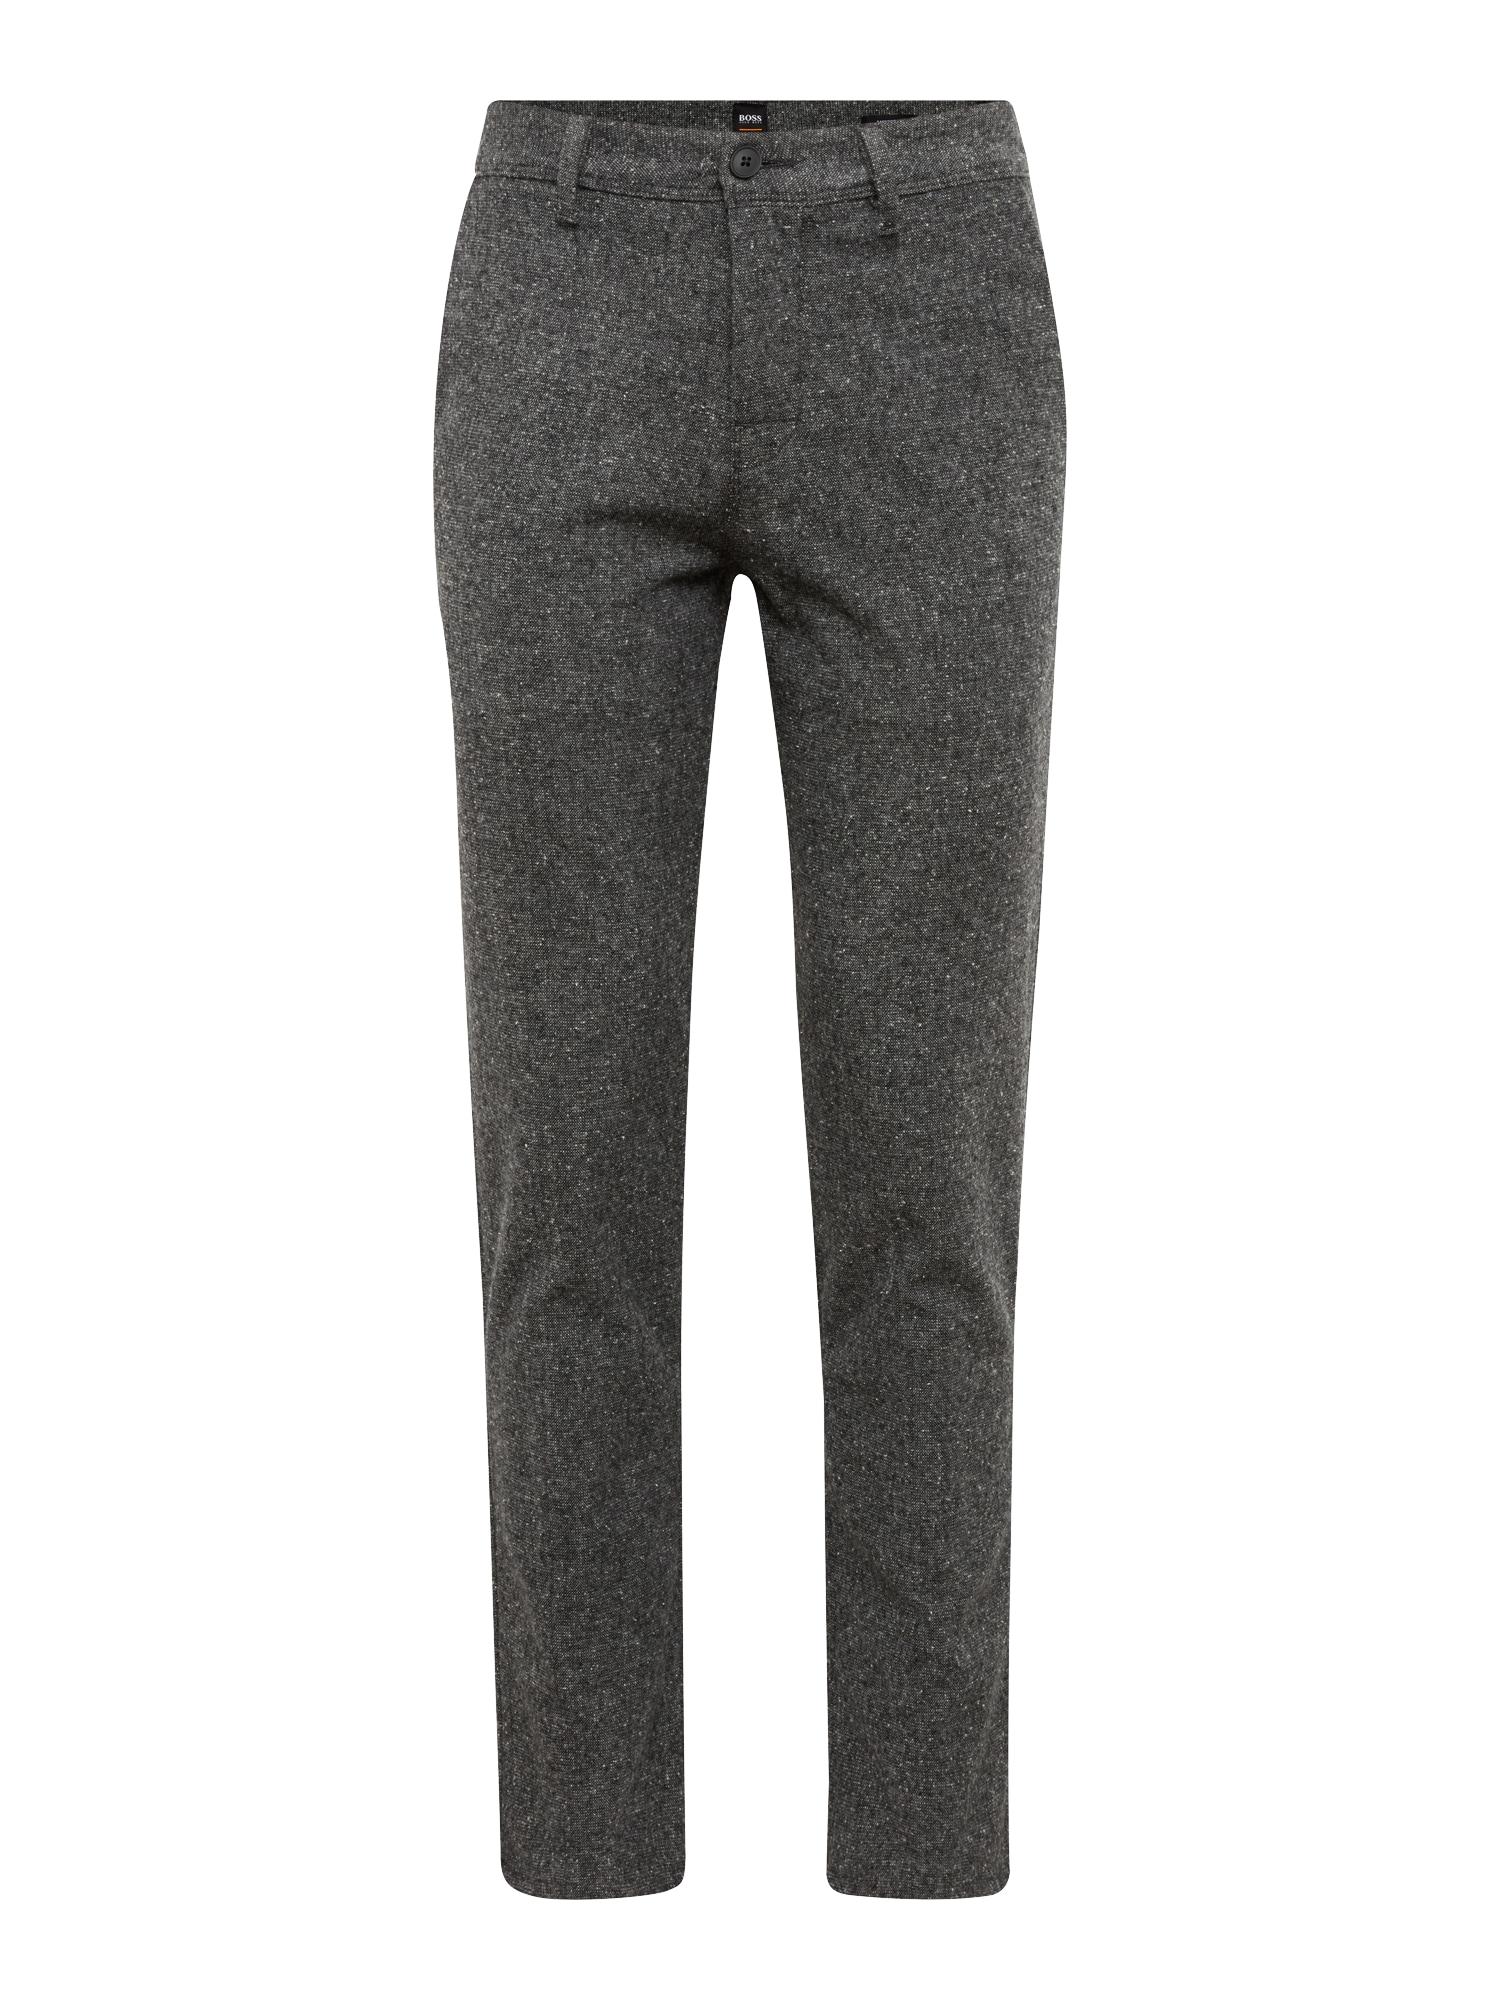 BOSS Chino stiliaus kelnės 'Schino-Tapered 10209697 01' tamsiai pilka / juoda